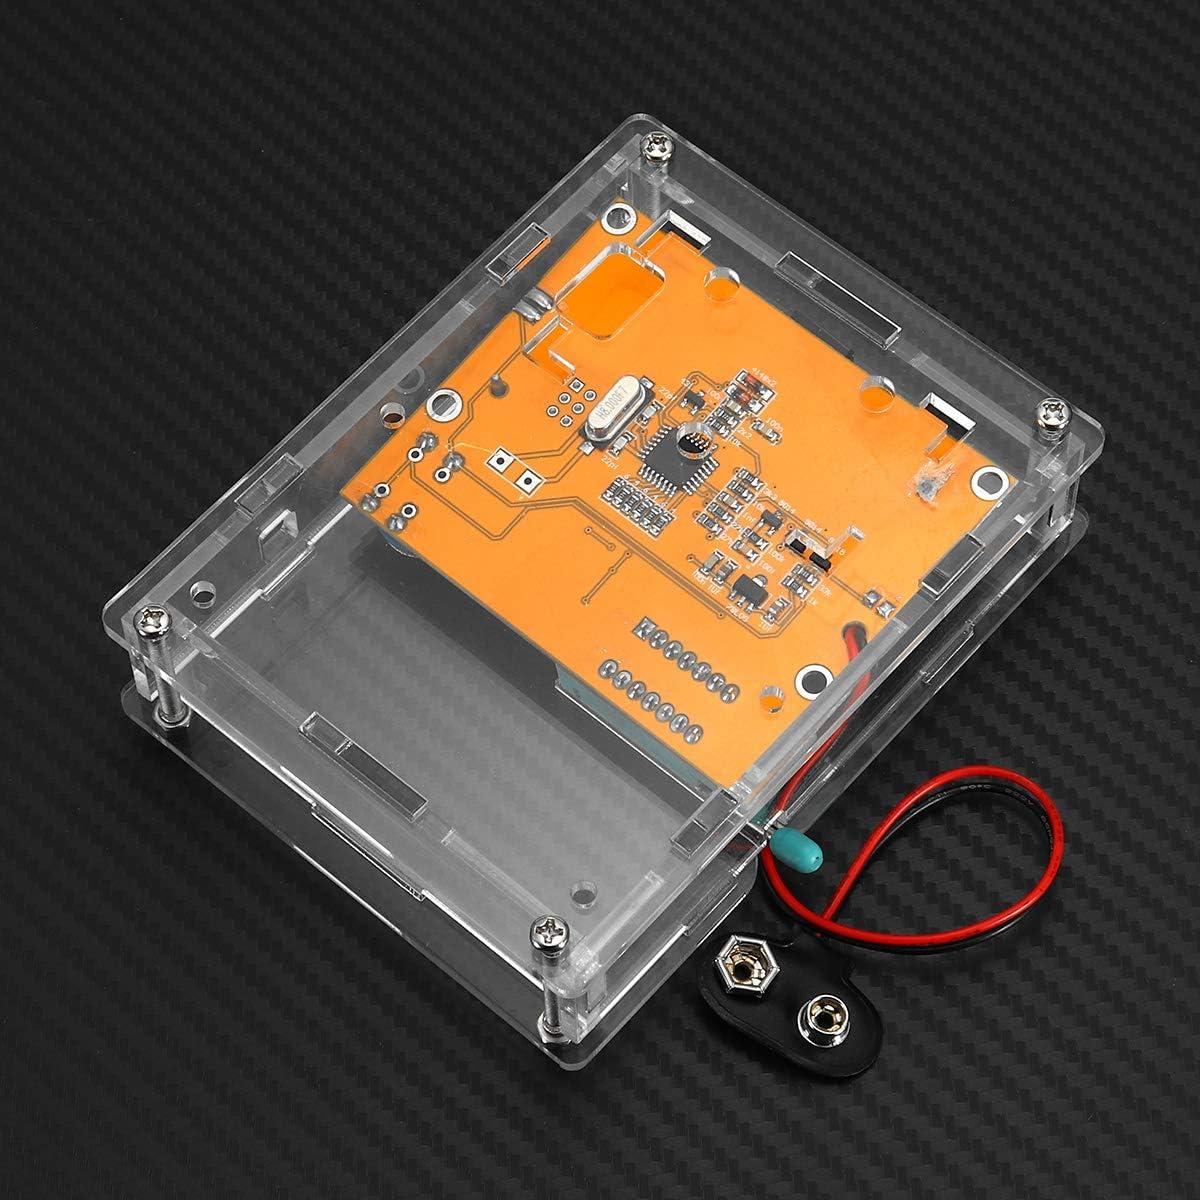 LCR-T3 LCR-T4 Mega328 Transistor Tester Diode Triode Capacitance ESR Meter Assembled Davitu Module Board Power Supply Module